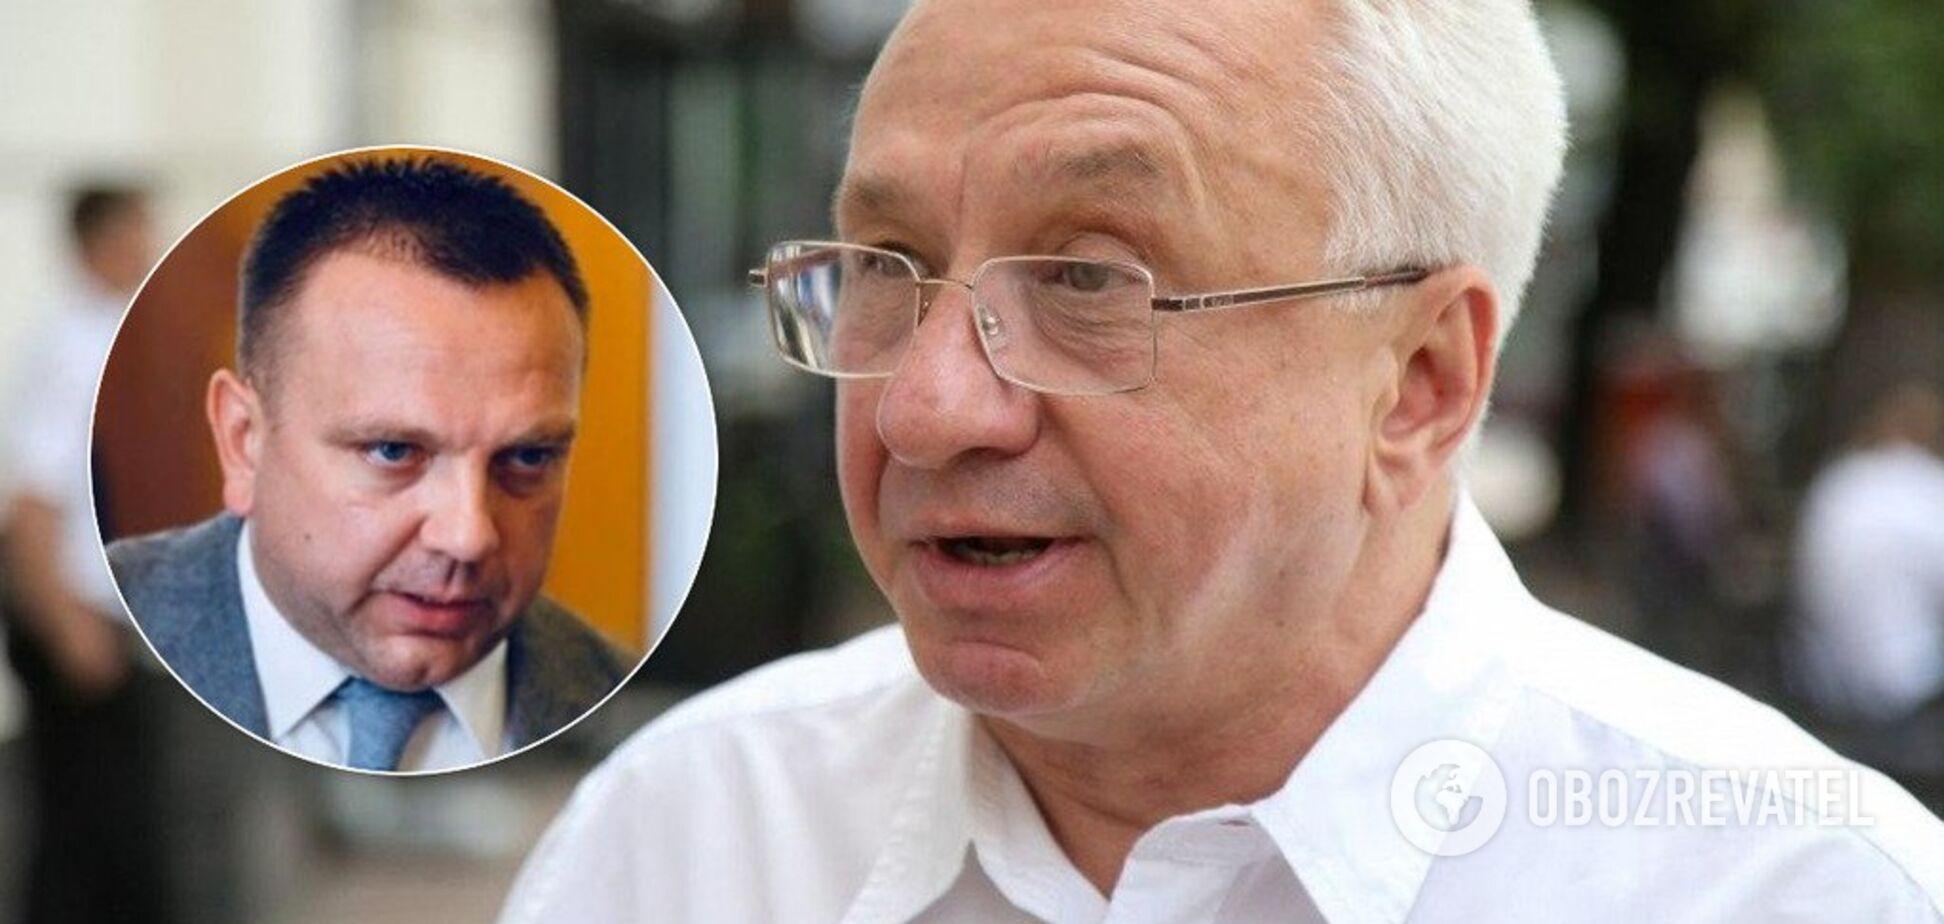 'Мне его скальп не нужен!' Скандал с матами и угрозами в Раде получил неожиданное продолжение